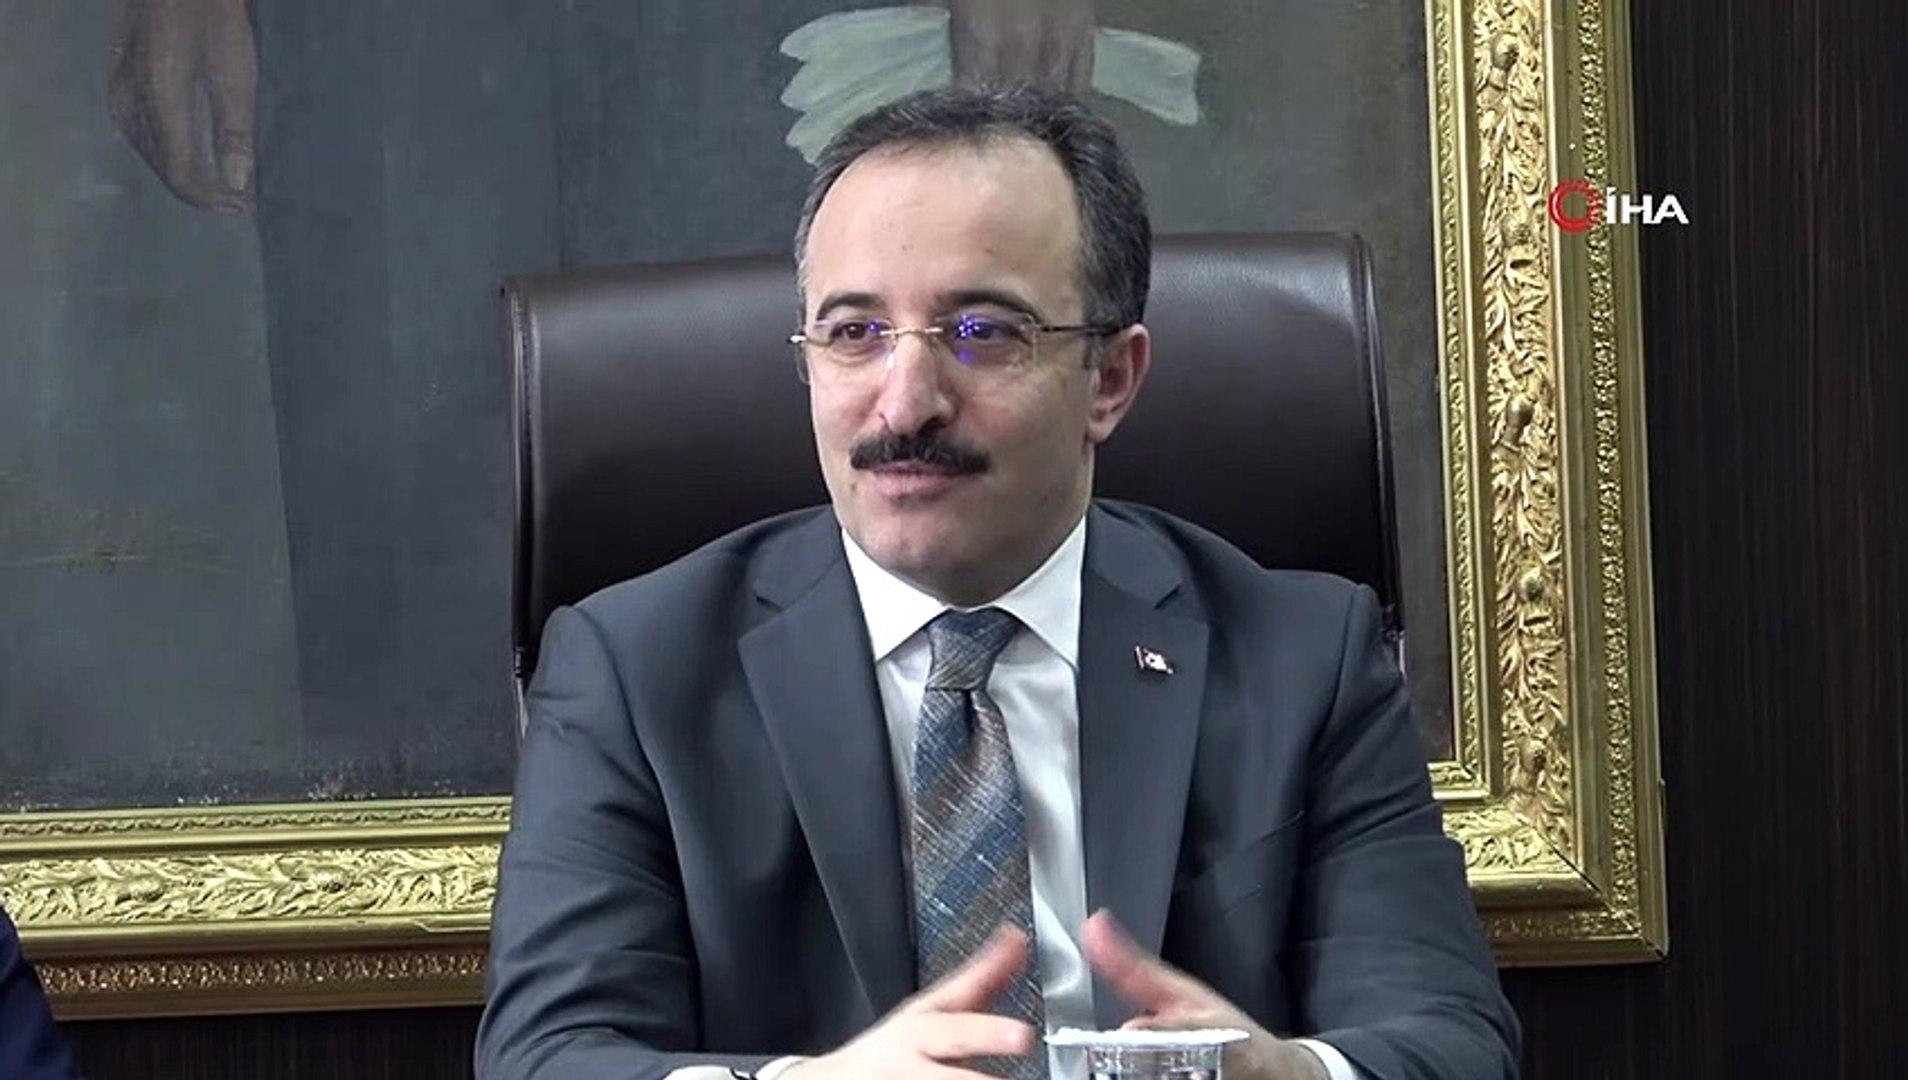 İçişleri Bakanı Yardımcısı Çataklı: 'Bakanlık olarak yerli otomobile her türlü desteği vereceği